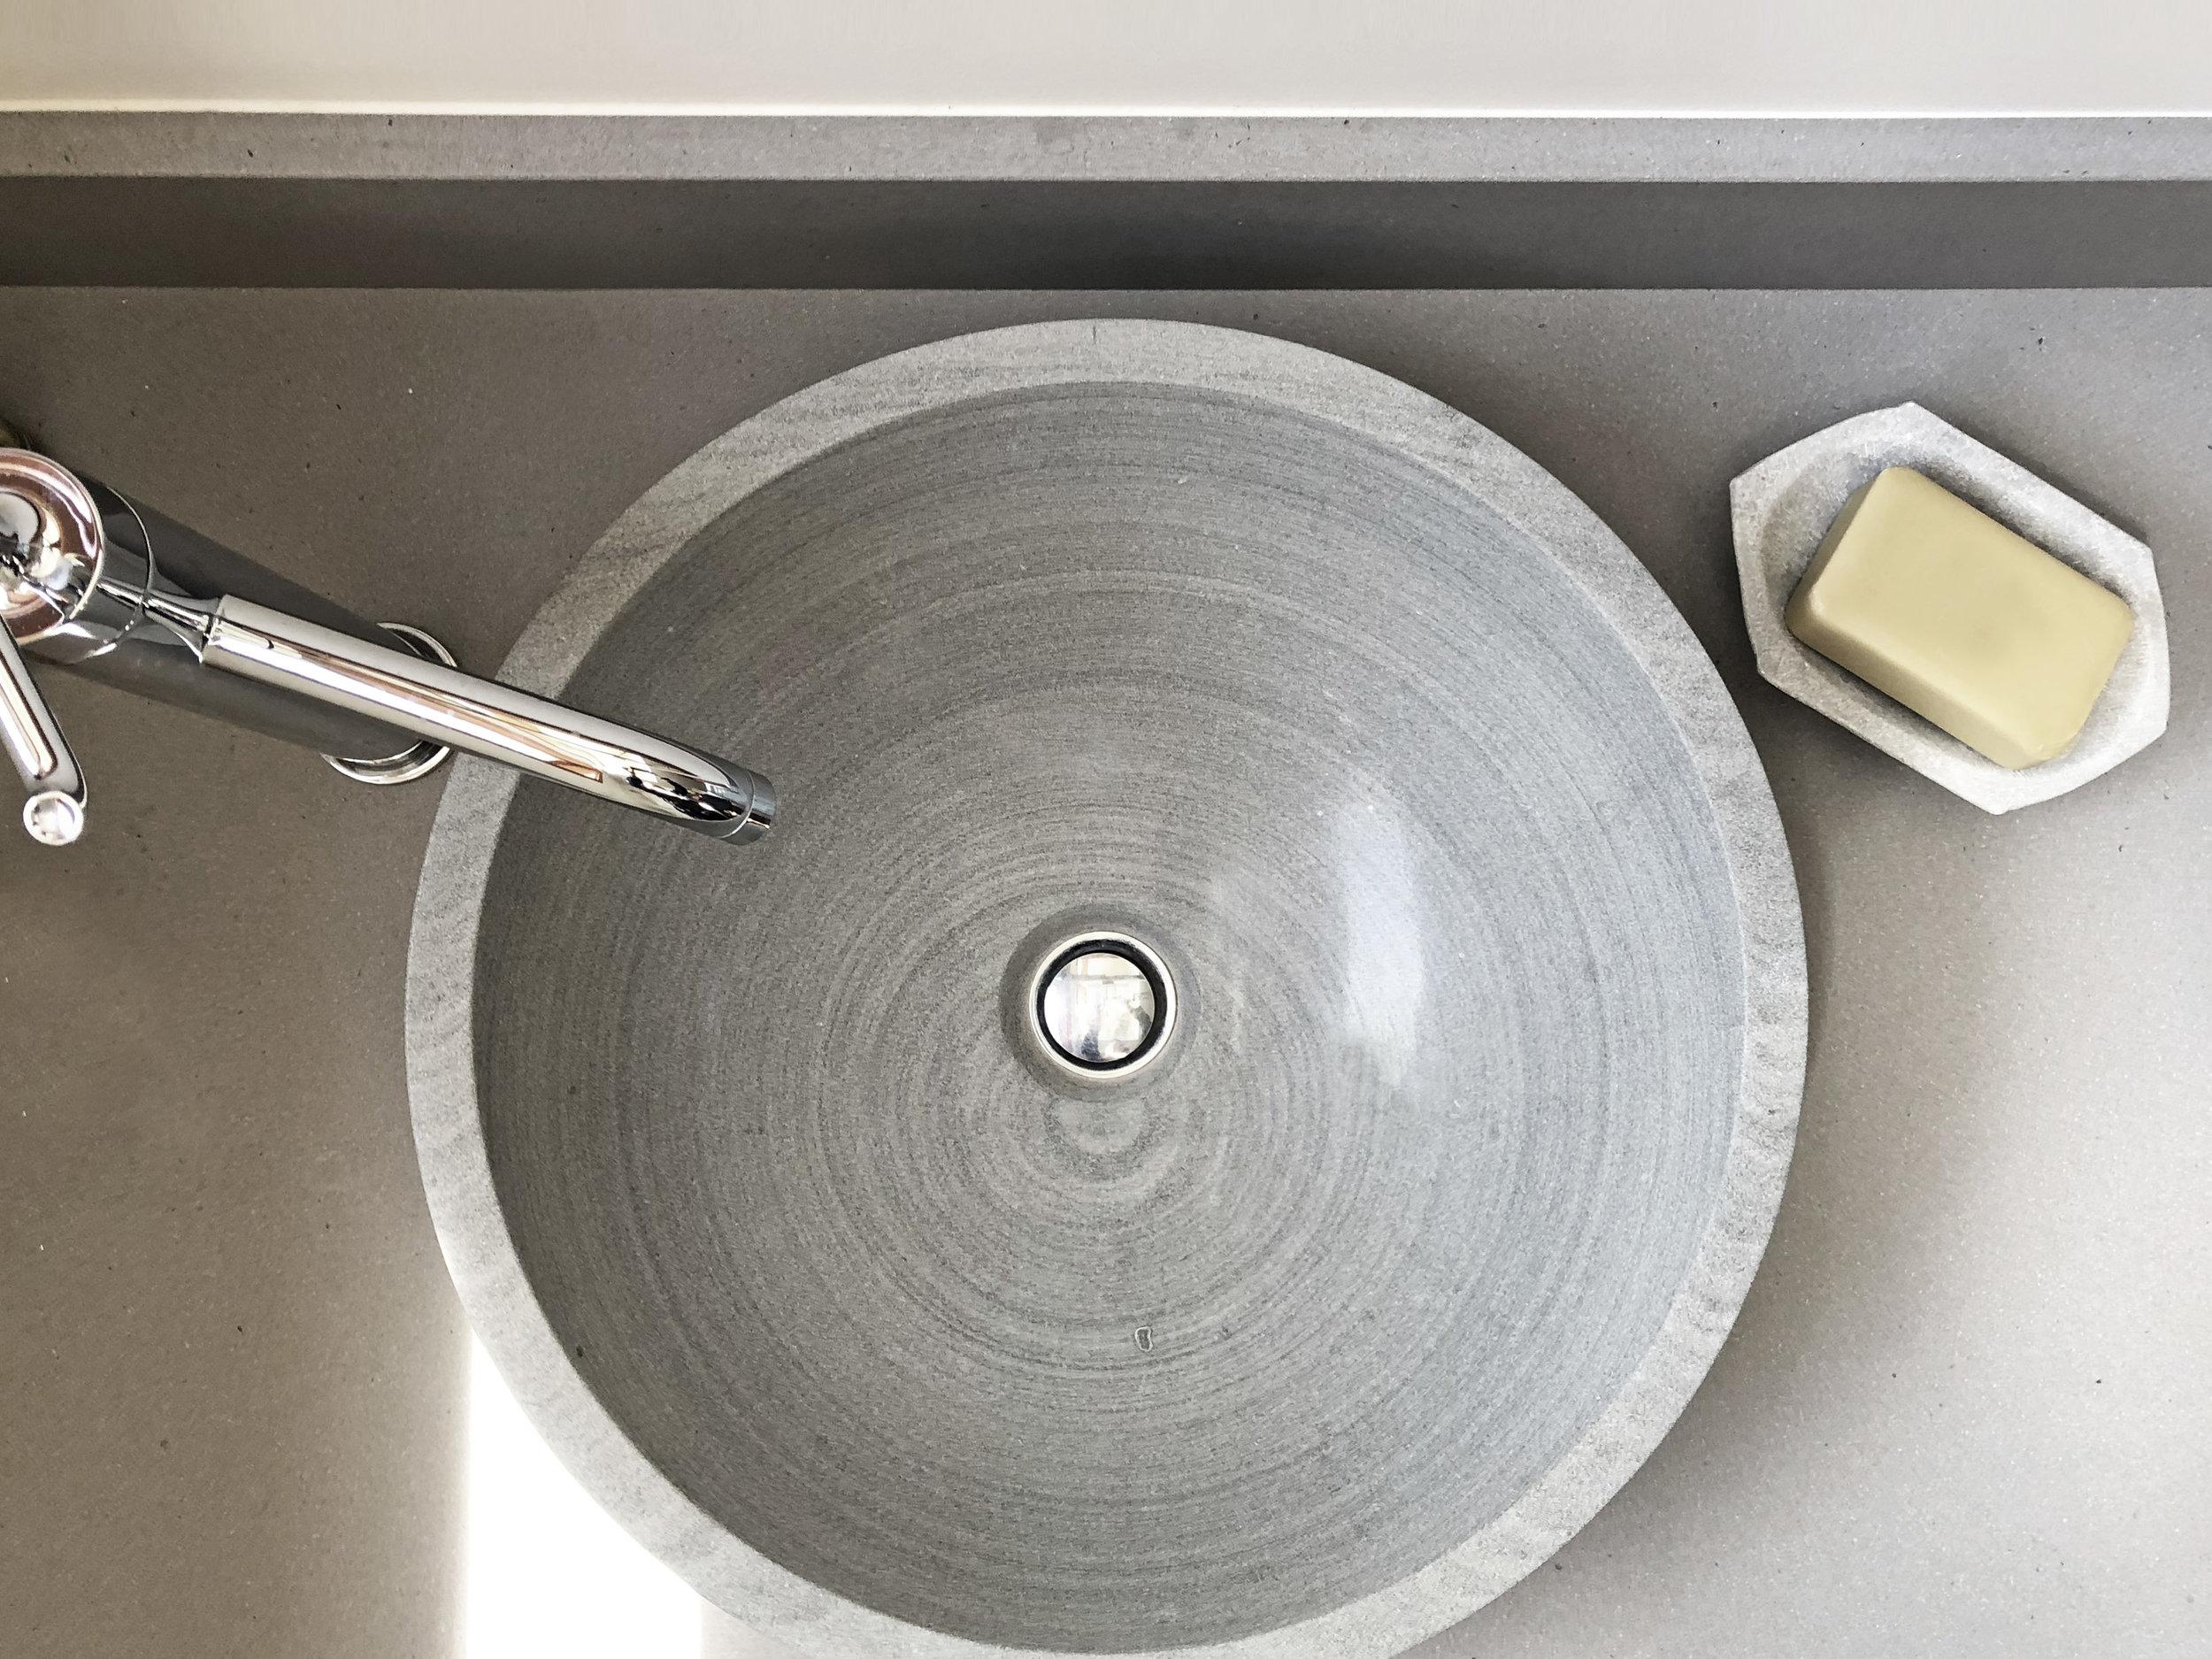 Guest Bath Vanity - top view.jpg